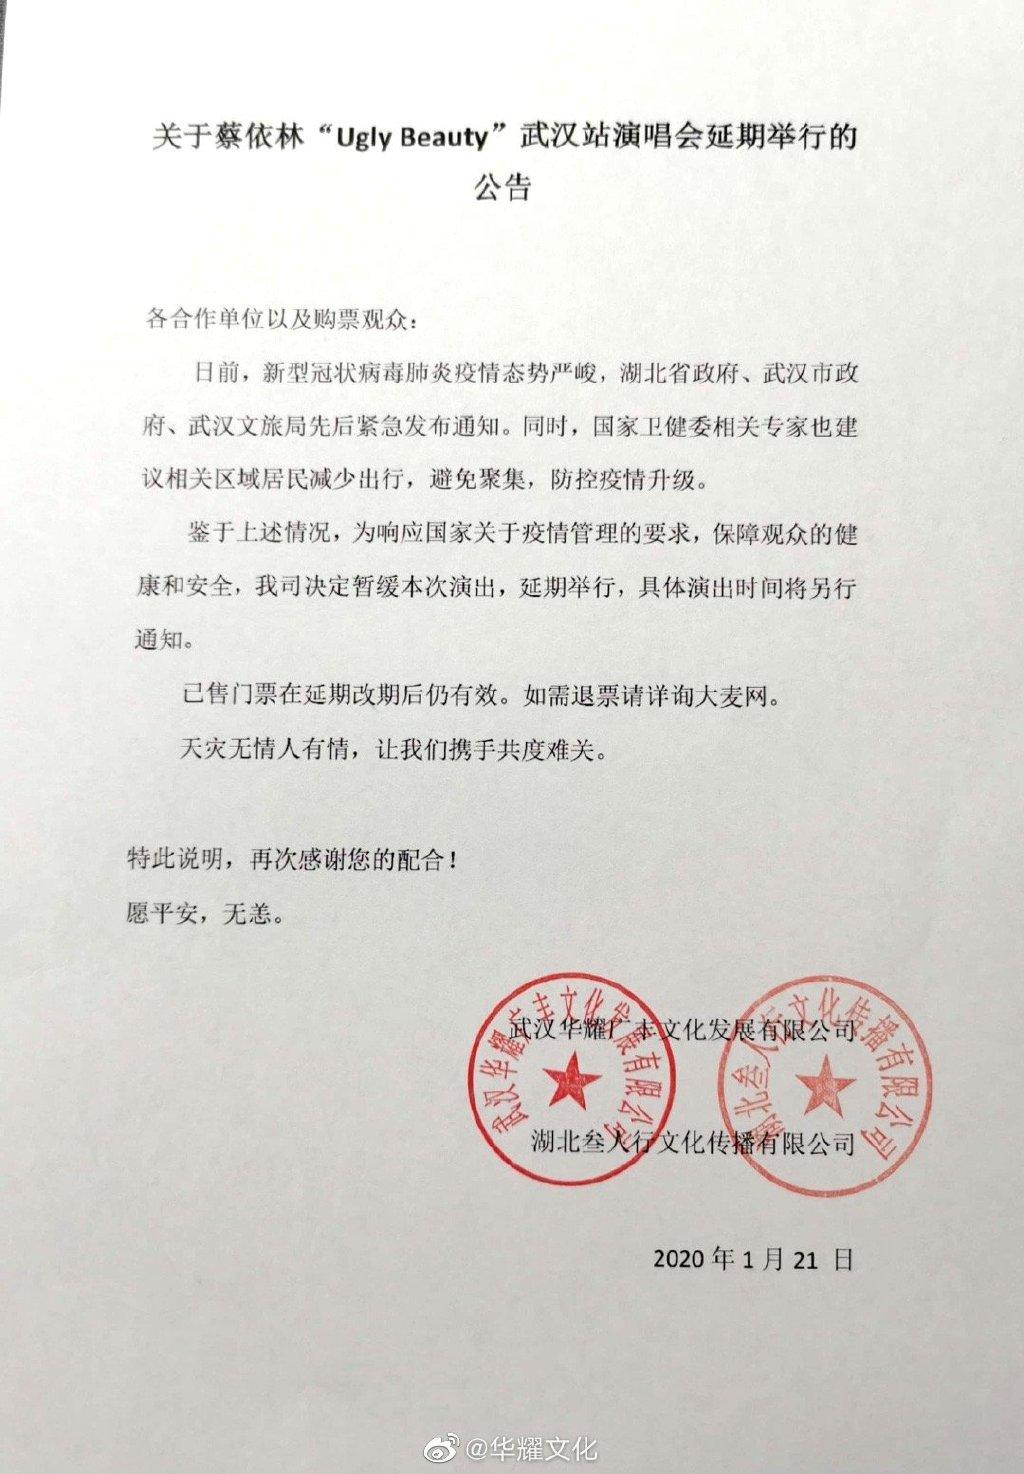 蔡依林武汉站演唱会宣布延期举行,具体时间另行通知图片